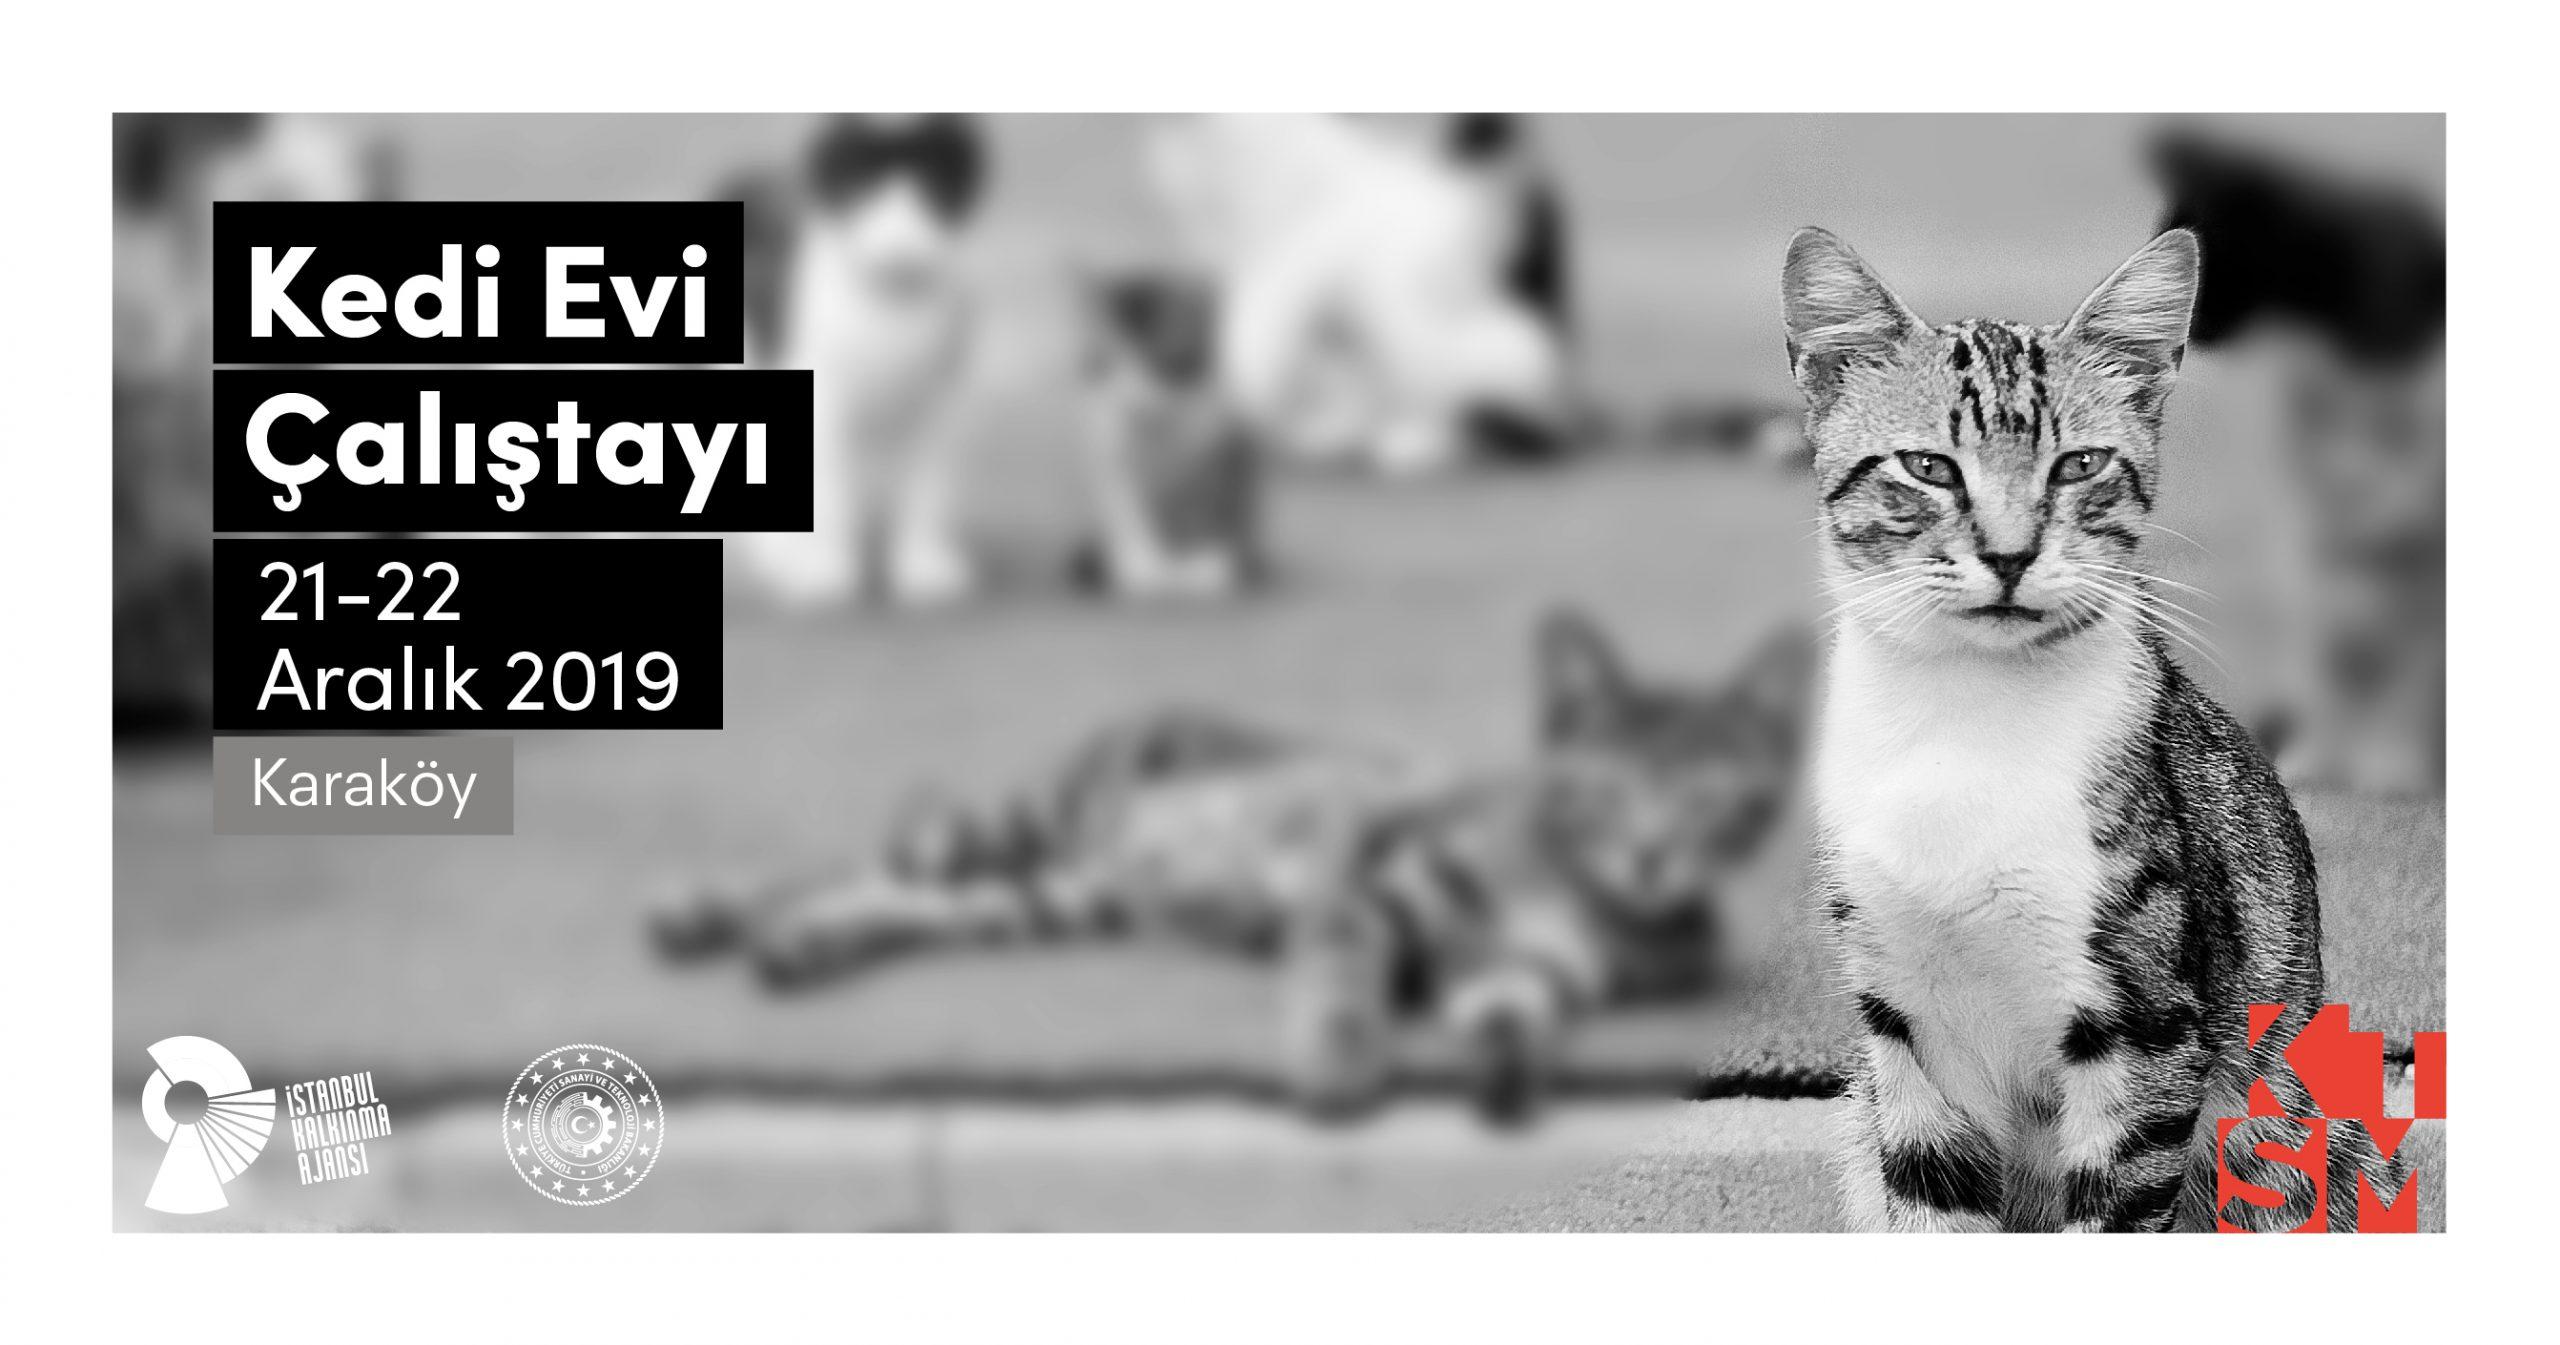 Sosyal Fayda için Tasarım: Kedi Evi Çalıştayı